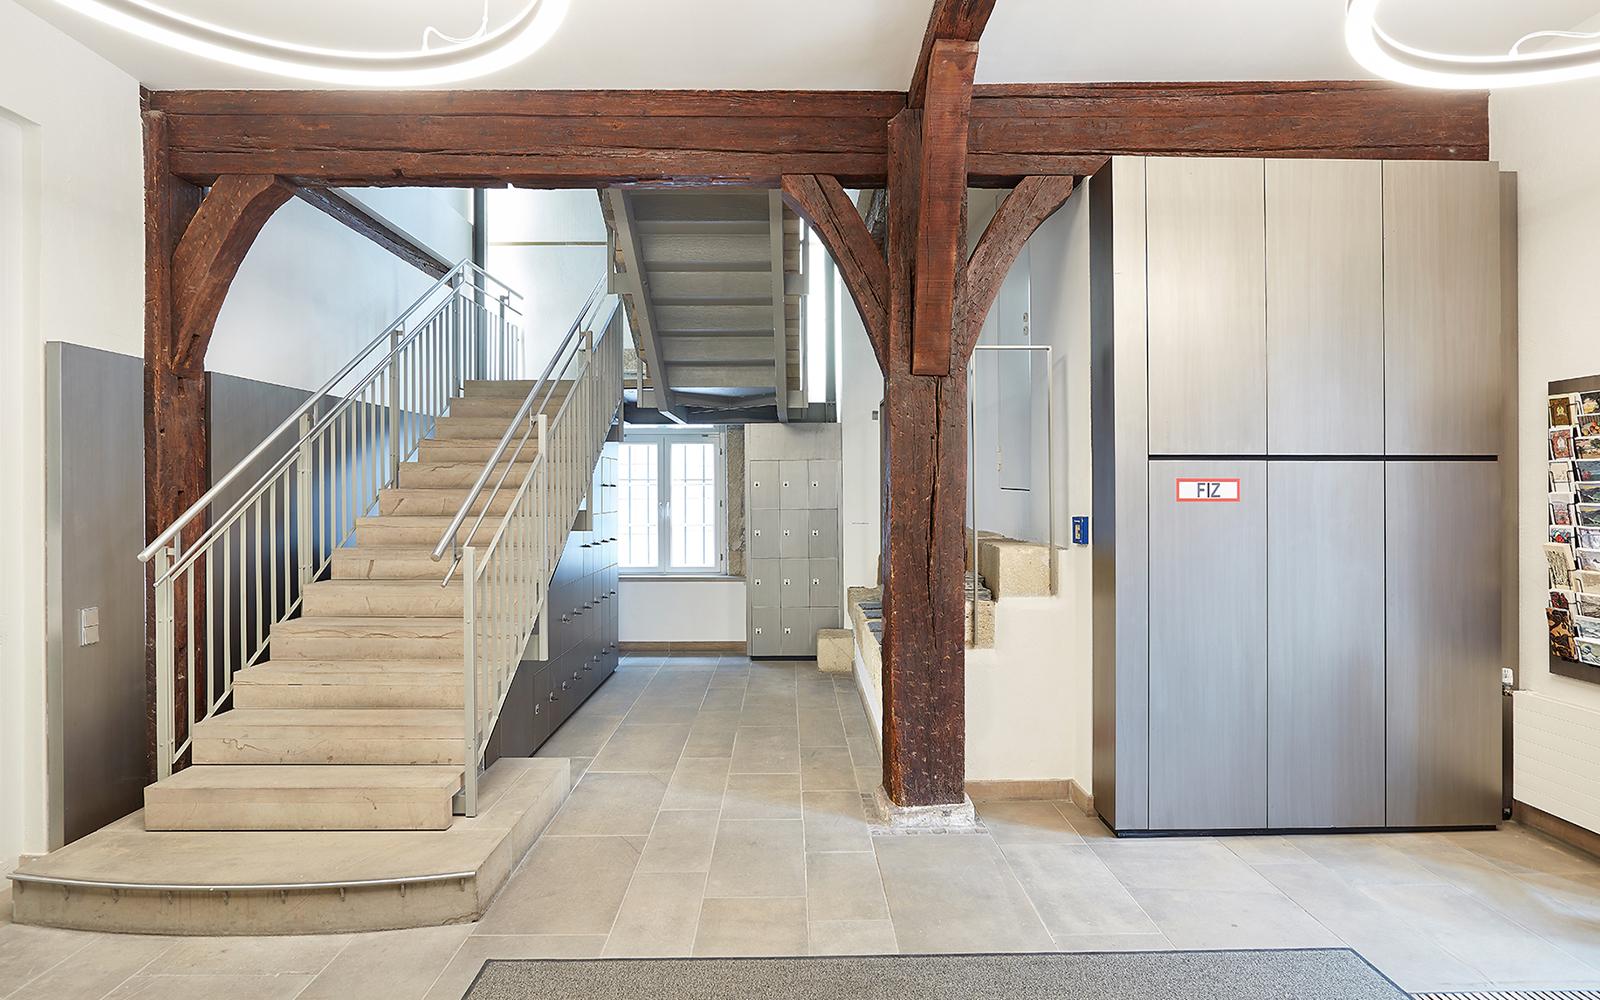 umgestaltung_foyer_spendhaus_Schliessfaecher1